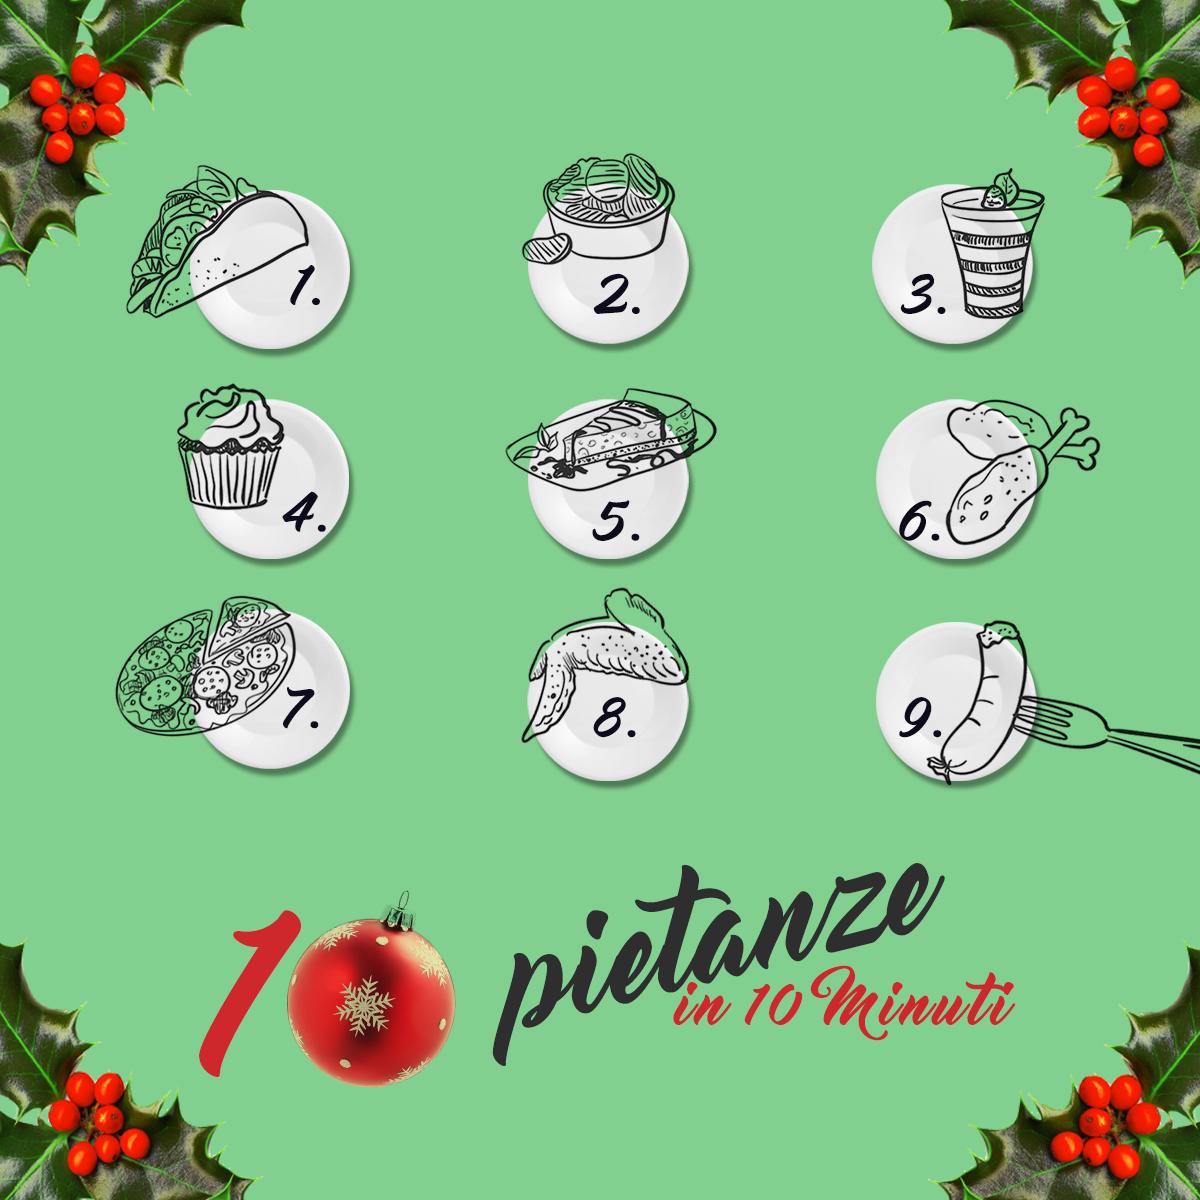 10x10 di Natale